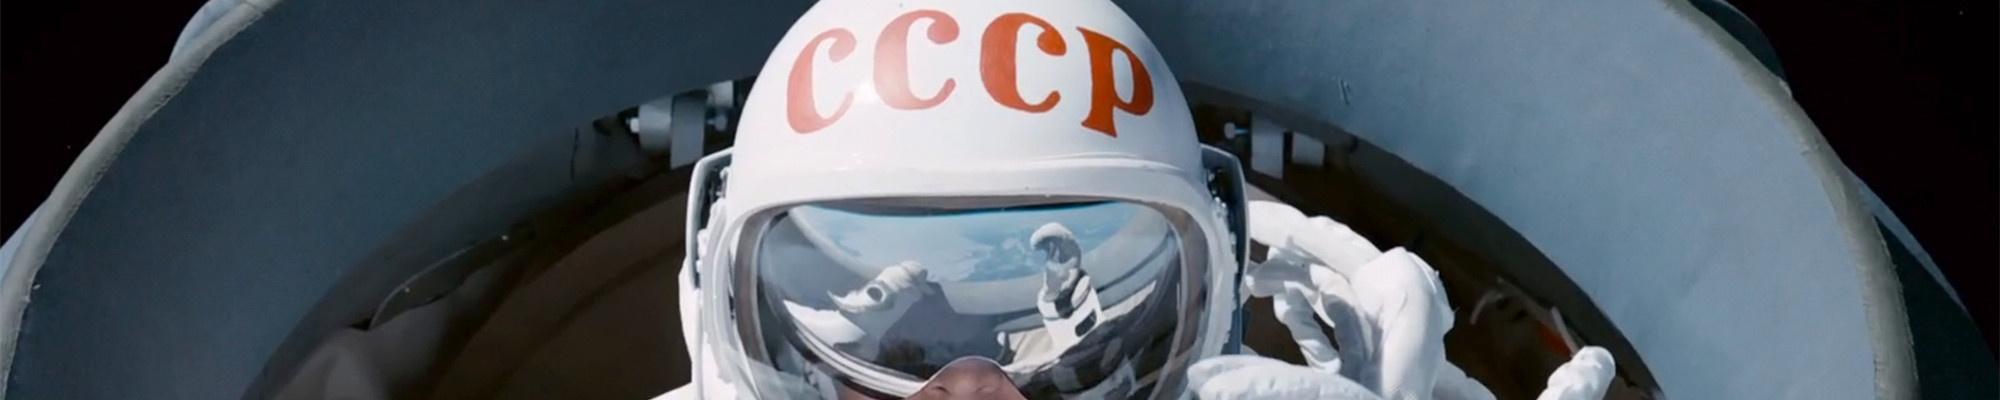 《流浪地球》热映之际,为各位介绍一些与西方科幻迥然不同的电影